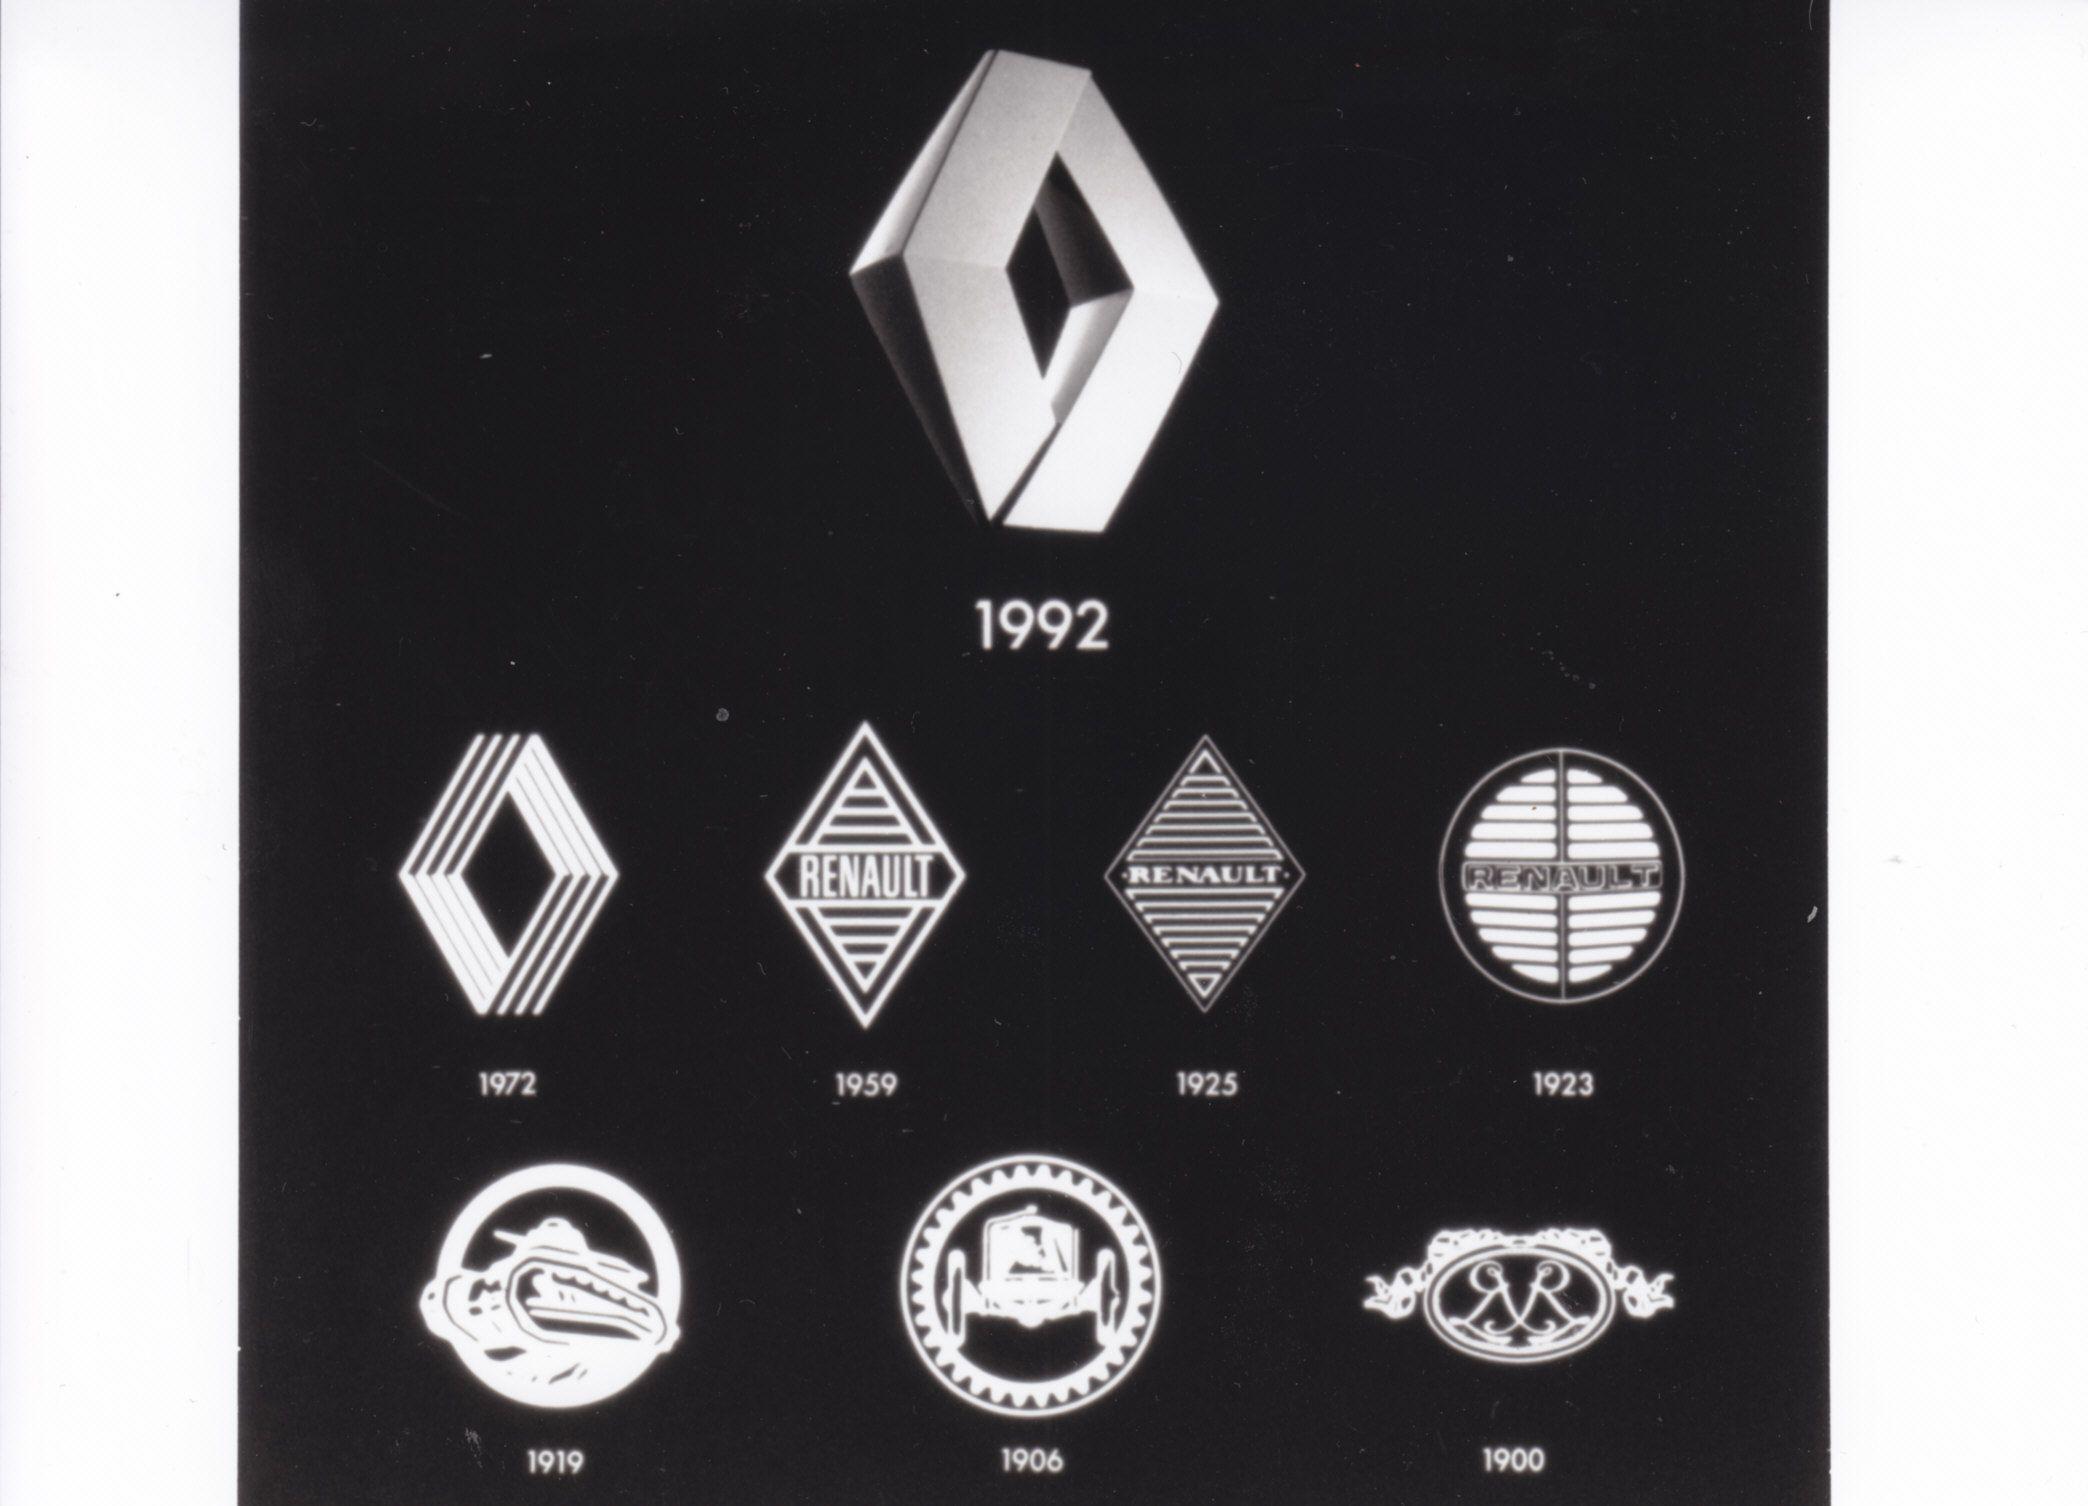 Swiss Car Manufacturers Logos